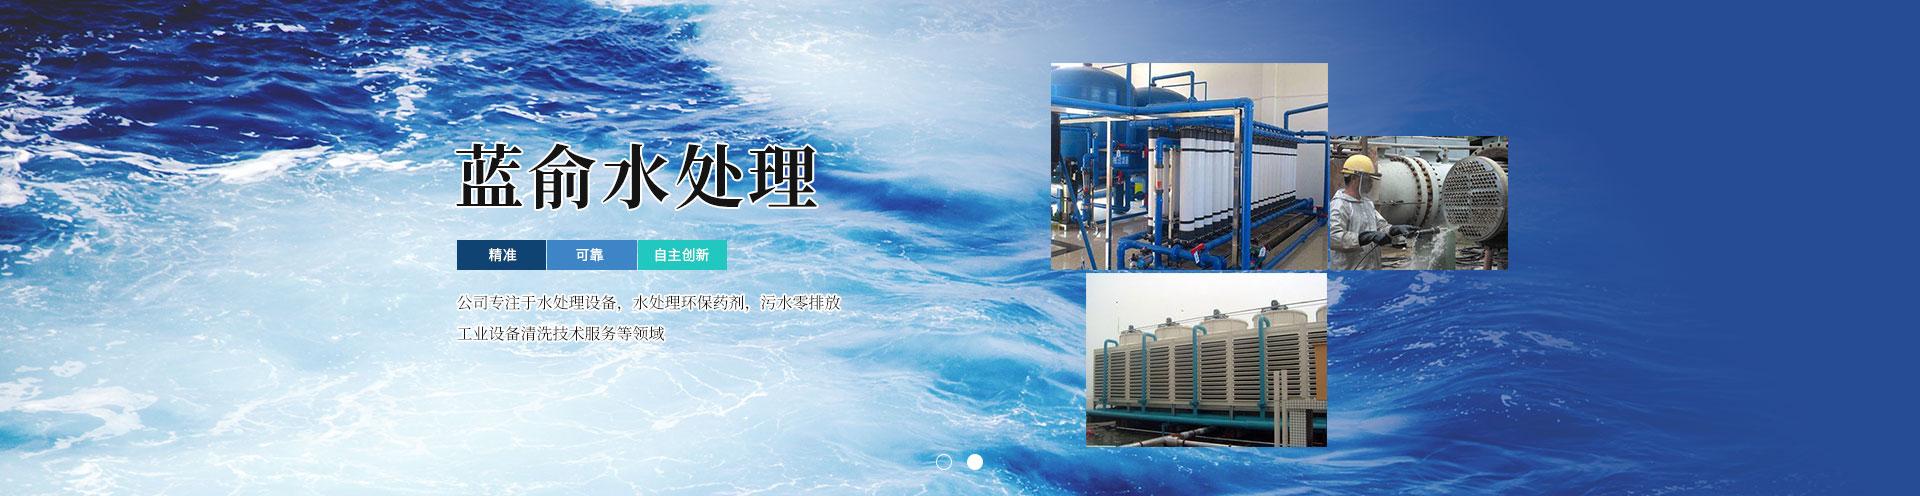 营口市蓝俞水处理工程有限公司